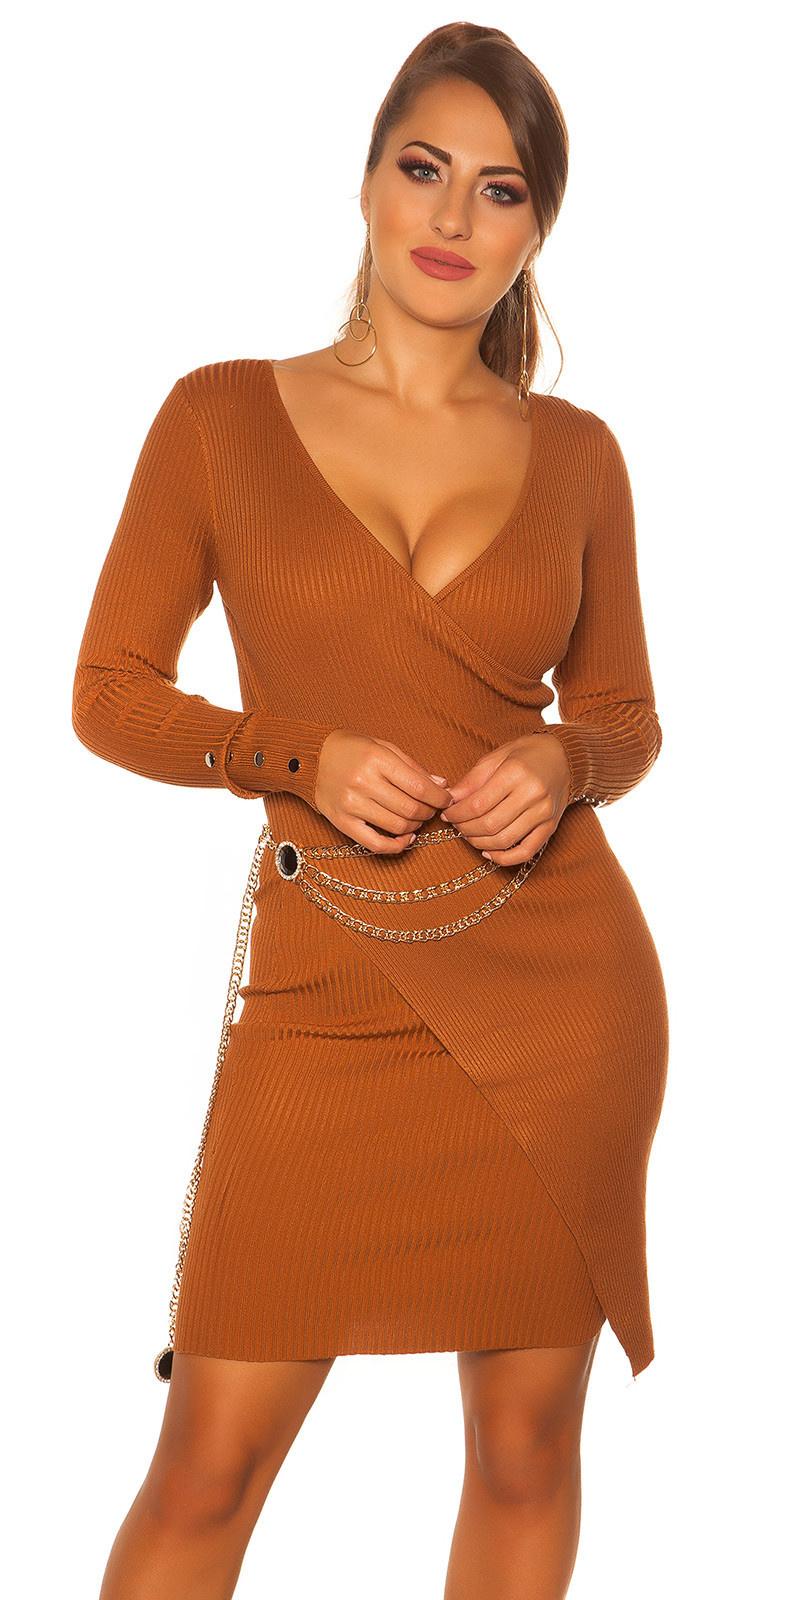 Sexy longsleeve rib knit dress wrap look Ochre